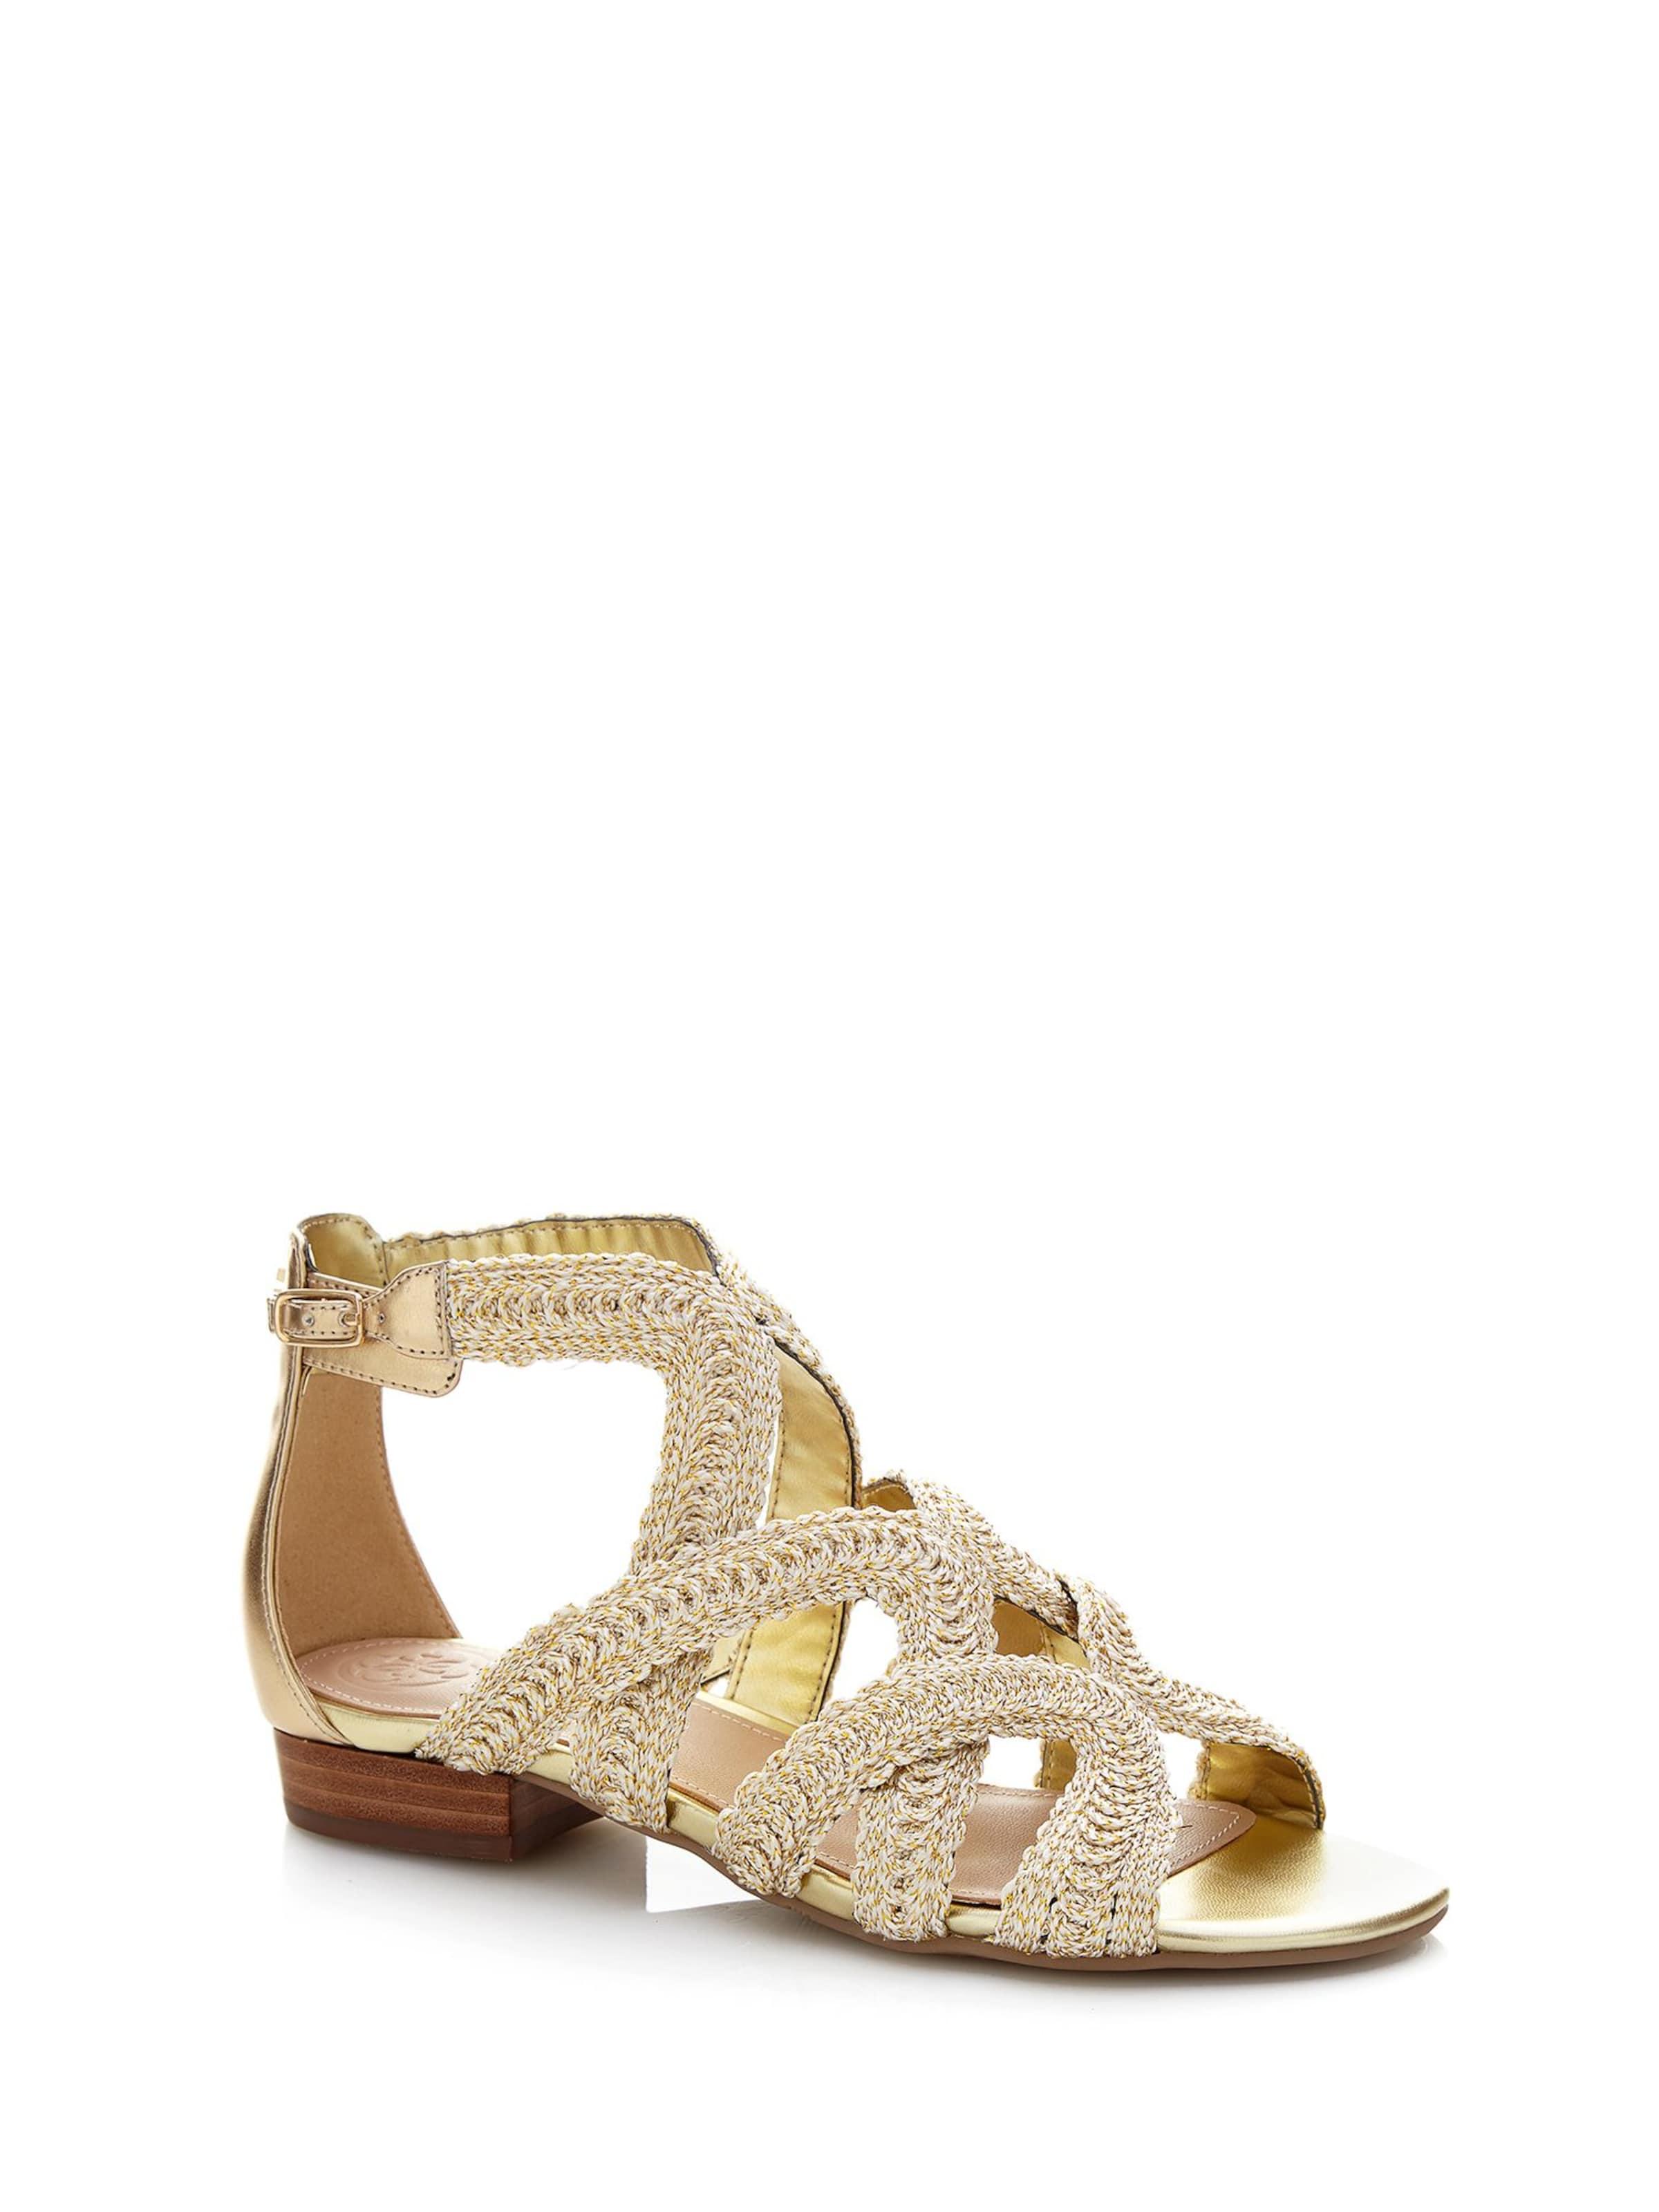 Haltbare Mode billige Schuhe GUESS | getragene SANDALE 'DARIO' Schuhe Gut getragene | Schuhe 9b9c4d